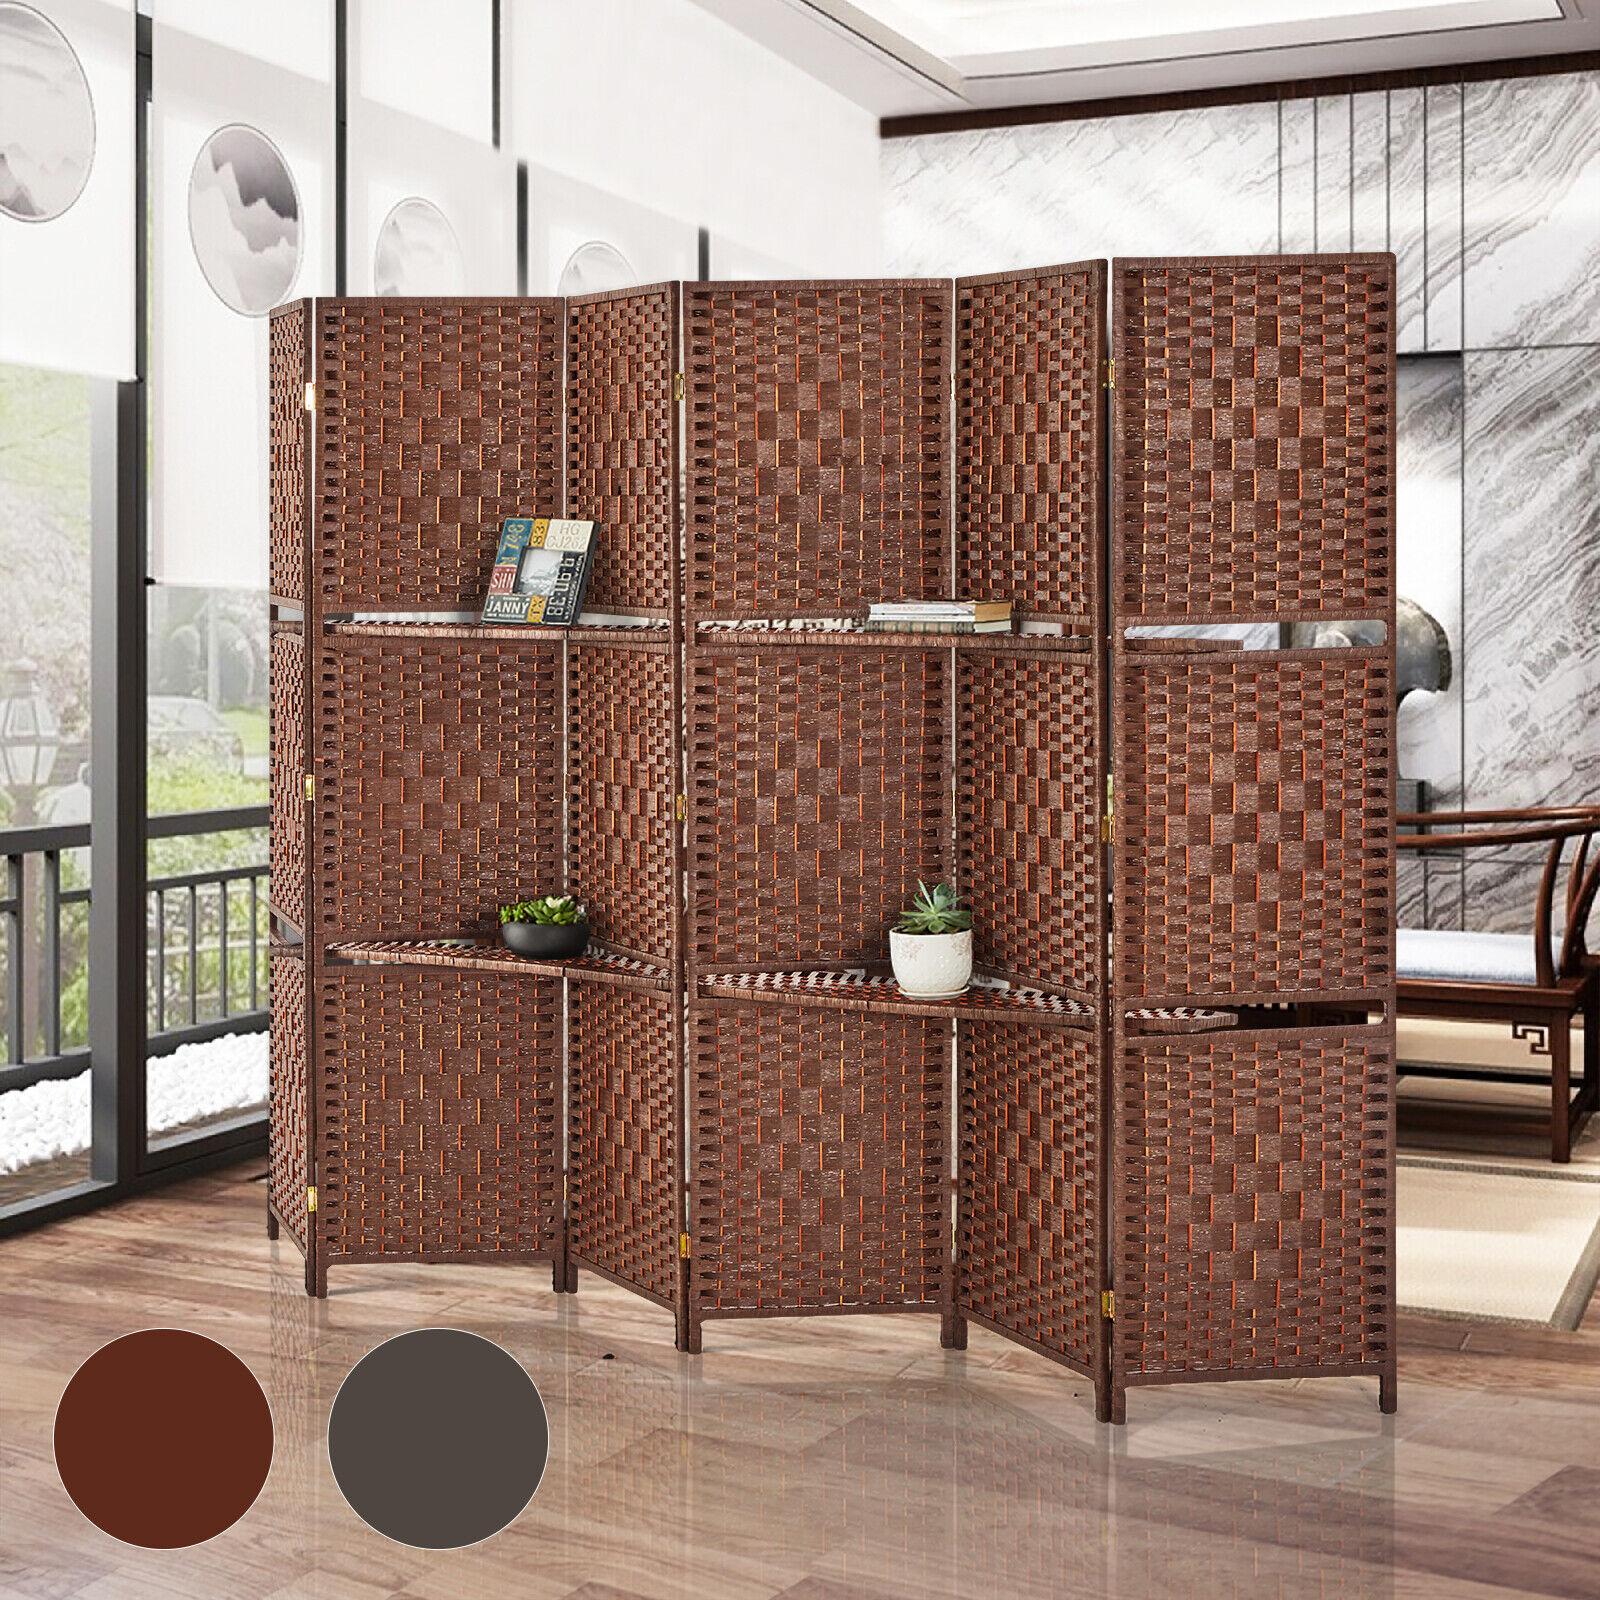 6 Panel Room divider W/ Shelves Weave Fiber Folding Privacy Screen 2 Color Furniture